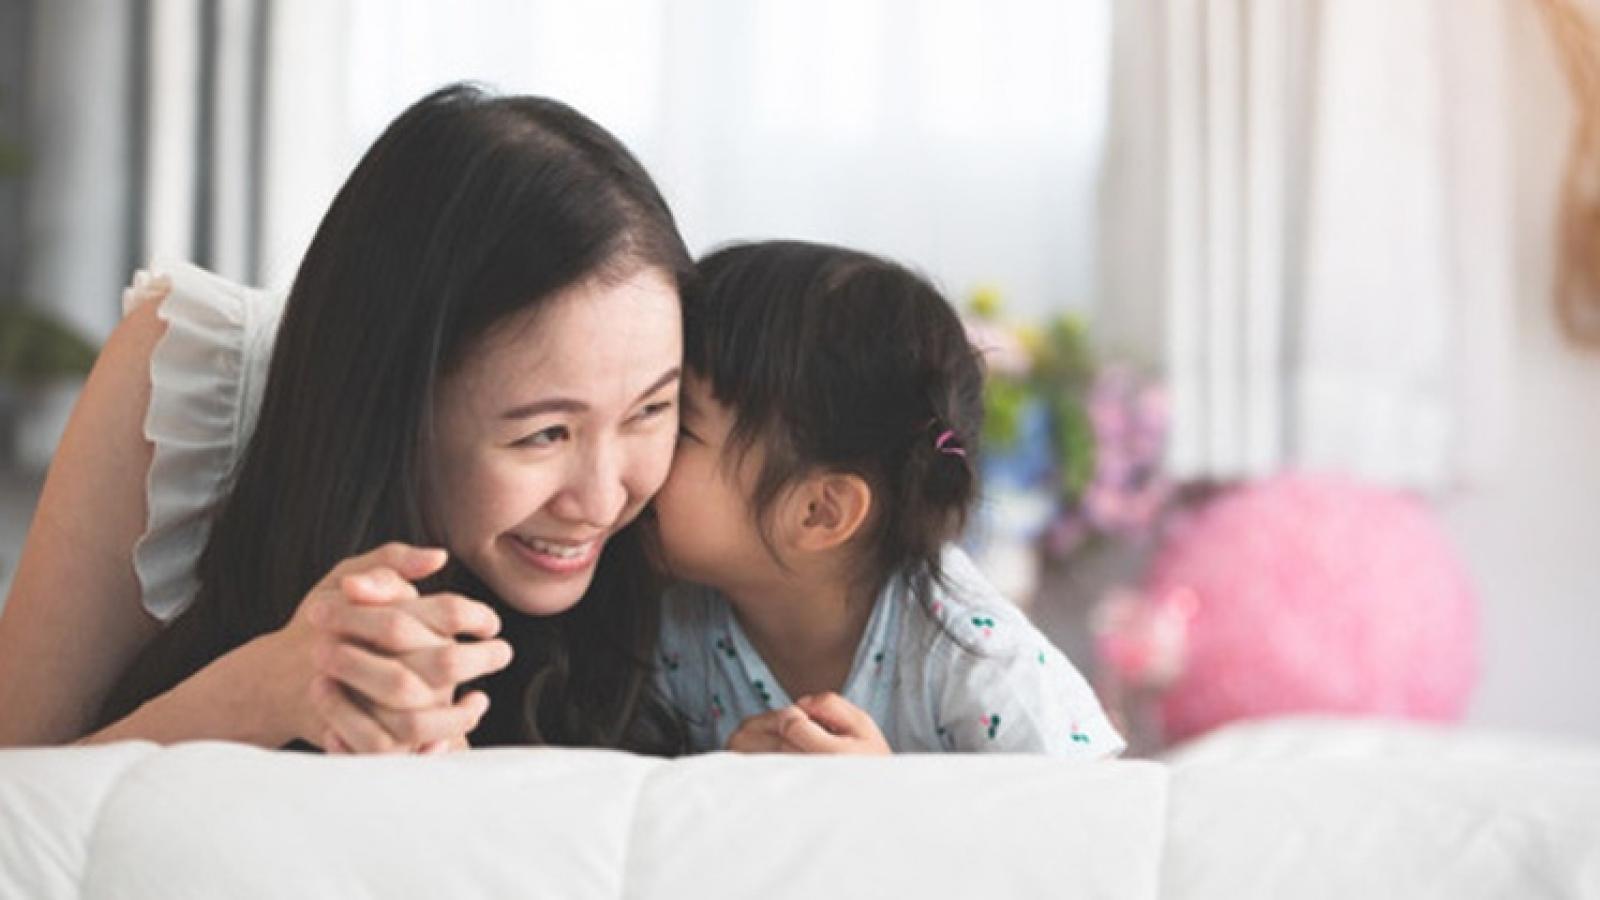 13 điều mẹ gửi con gái để có tương lai hạnh phúc viên mãn